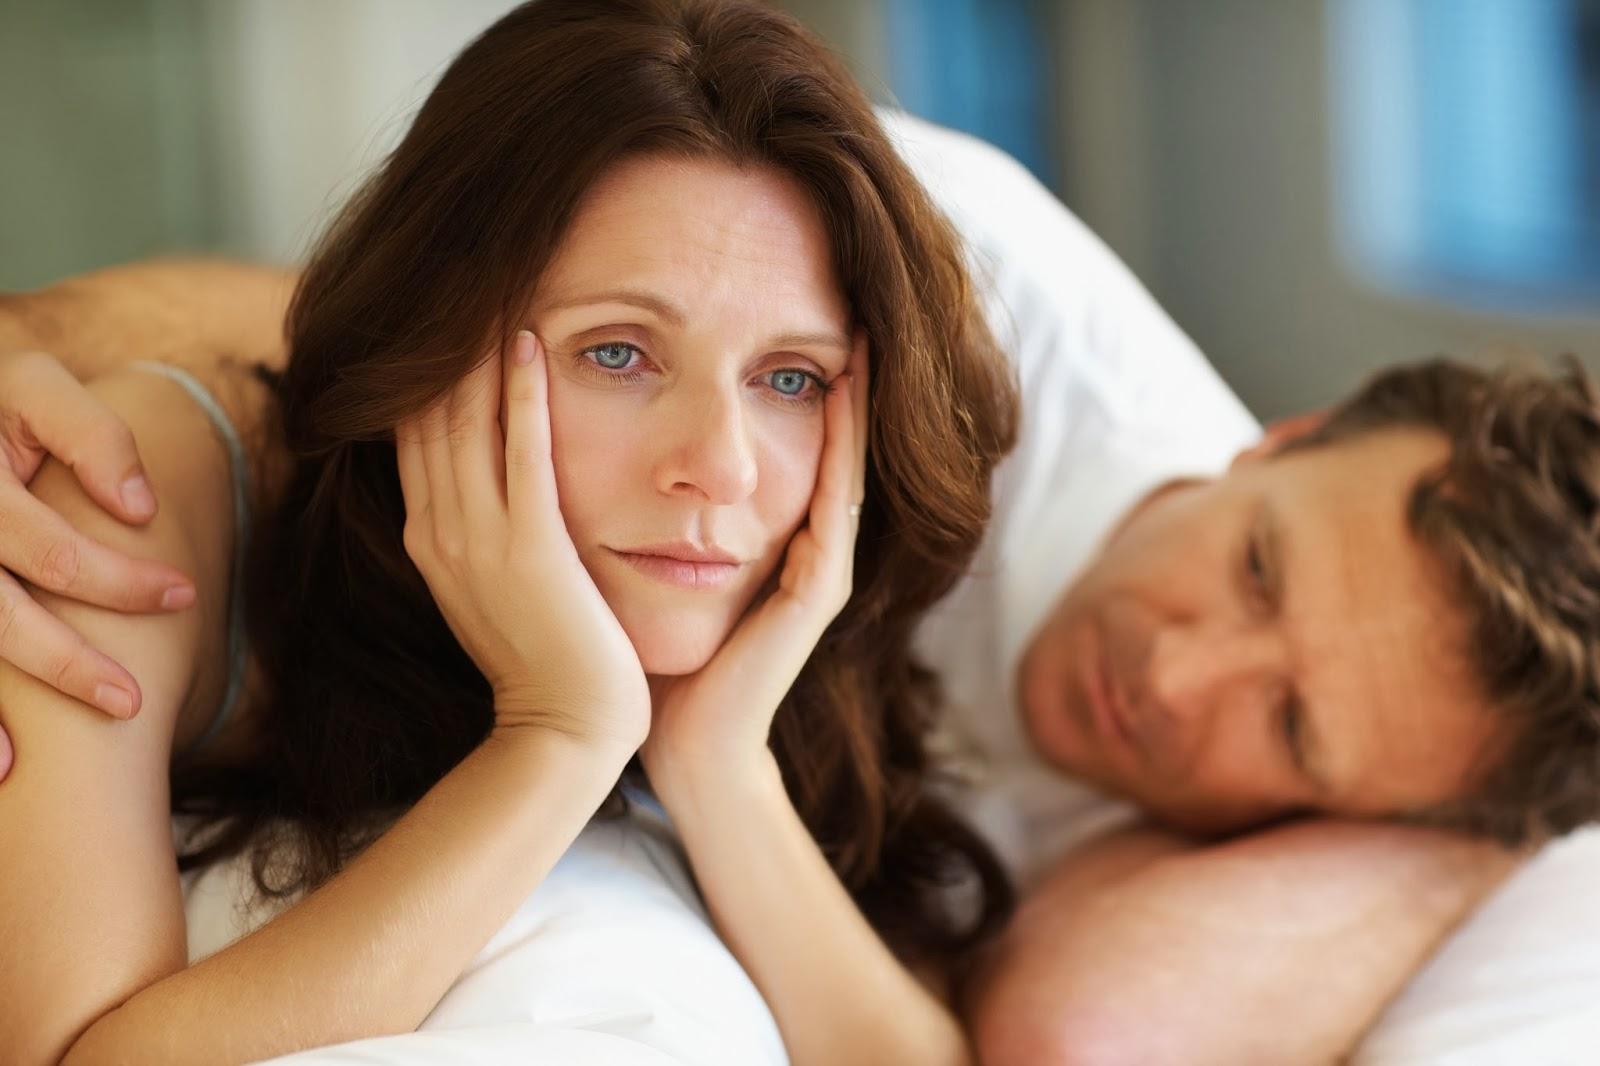 Климакс уменьшается чувствительность влагалища во время секса